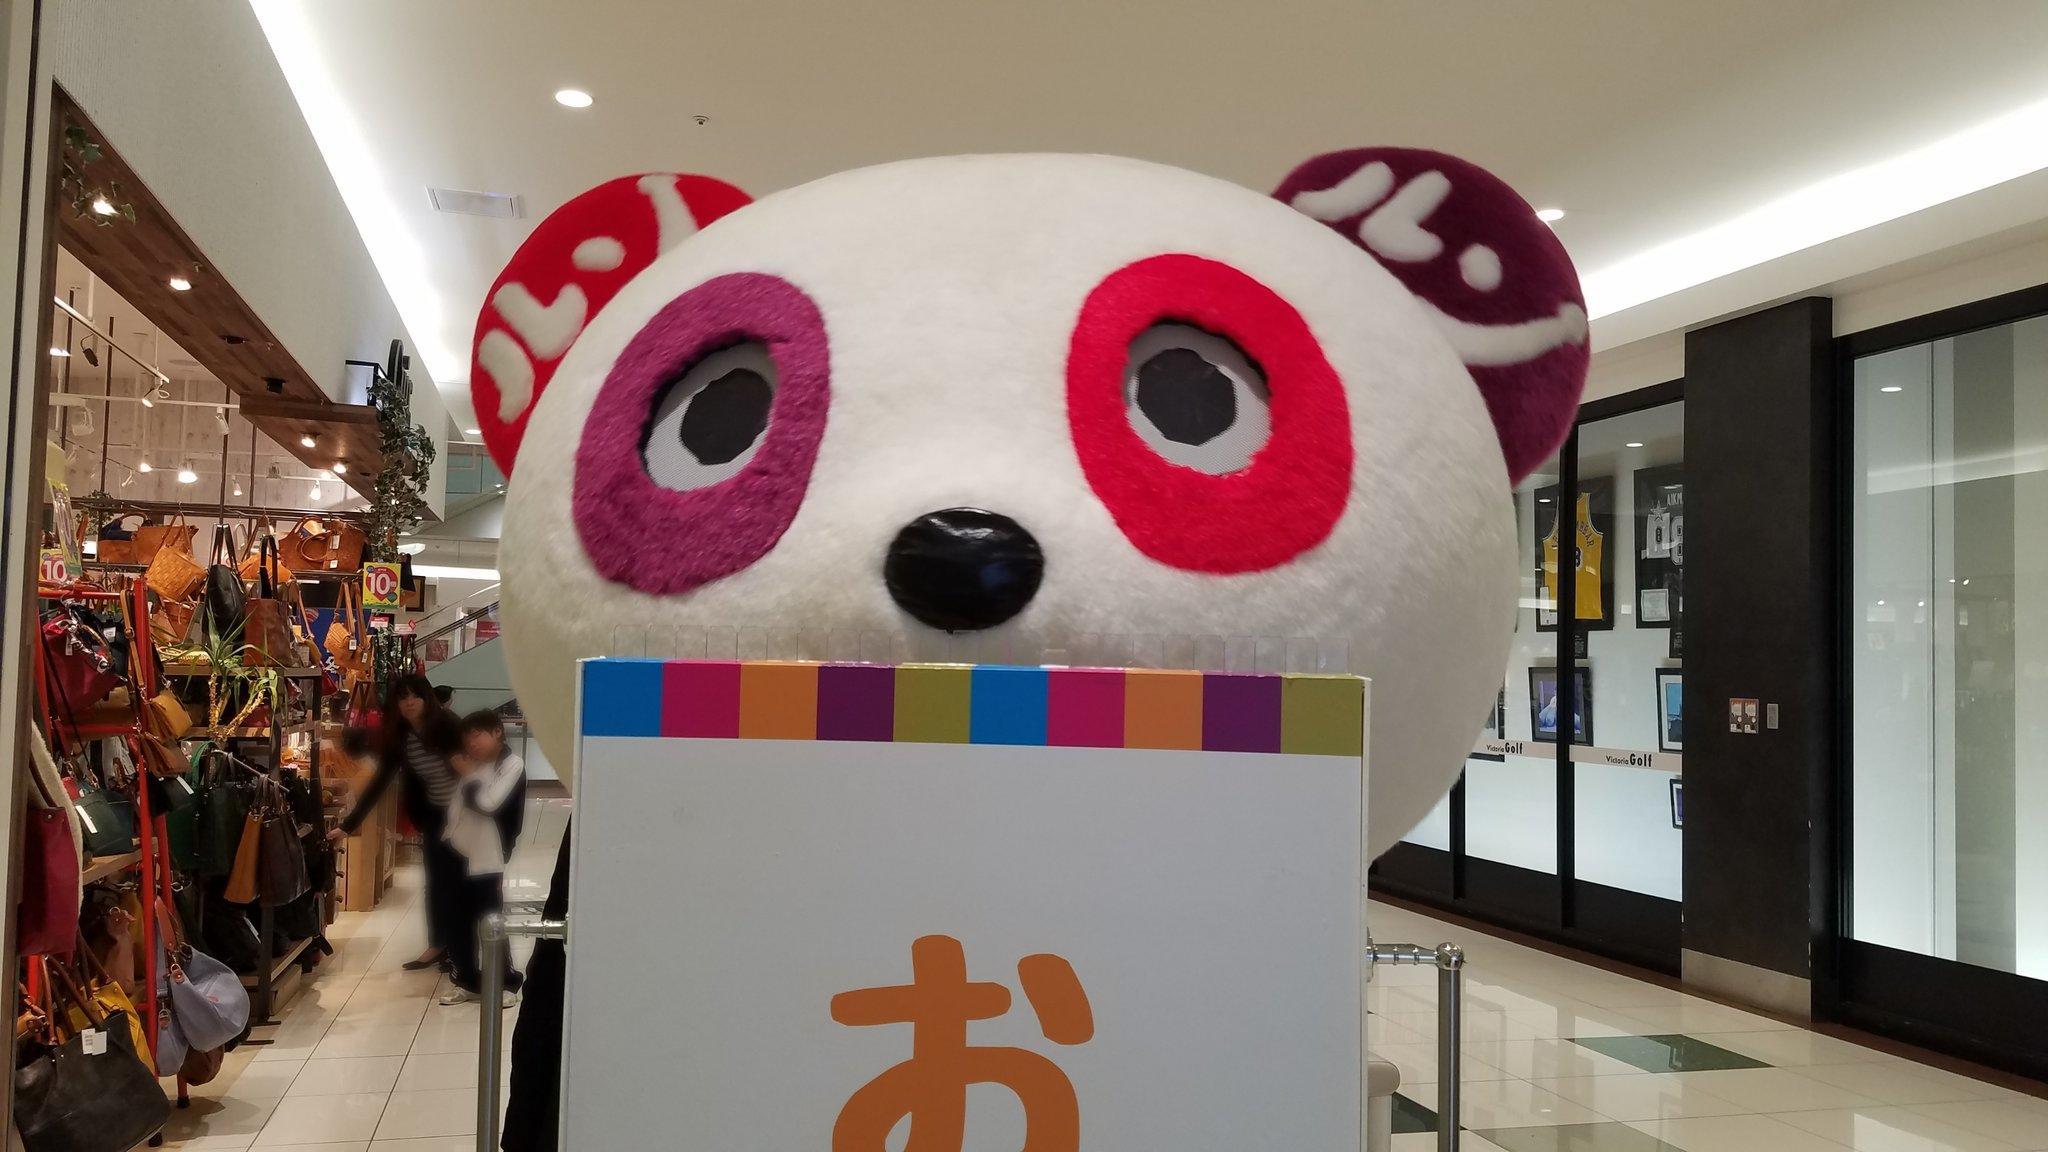 https://emifull.jp/emifulls_blog/11th/uploads/O6eu6zj8.jpg